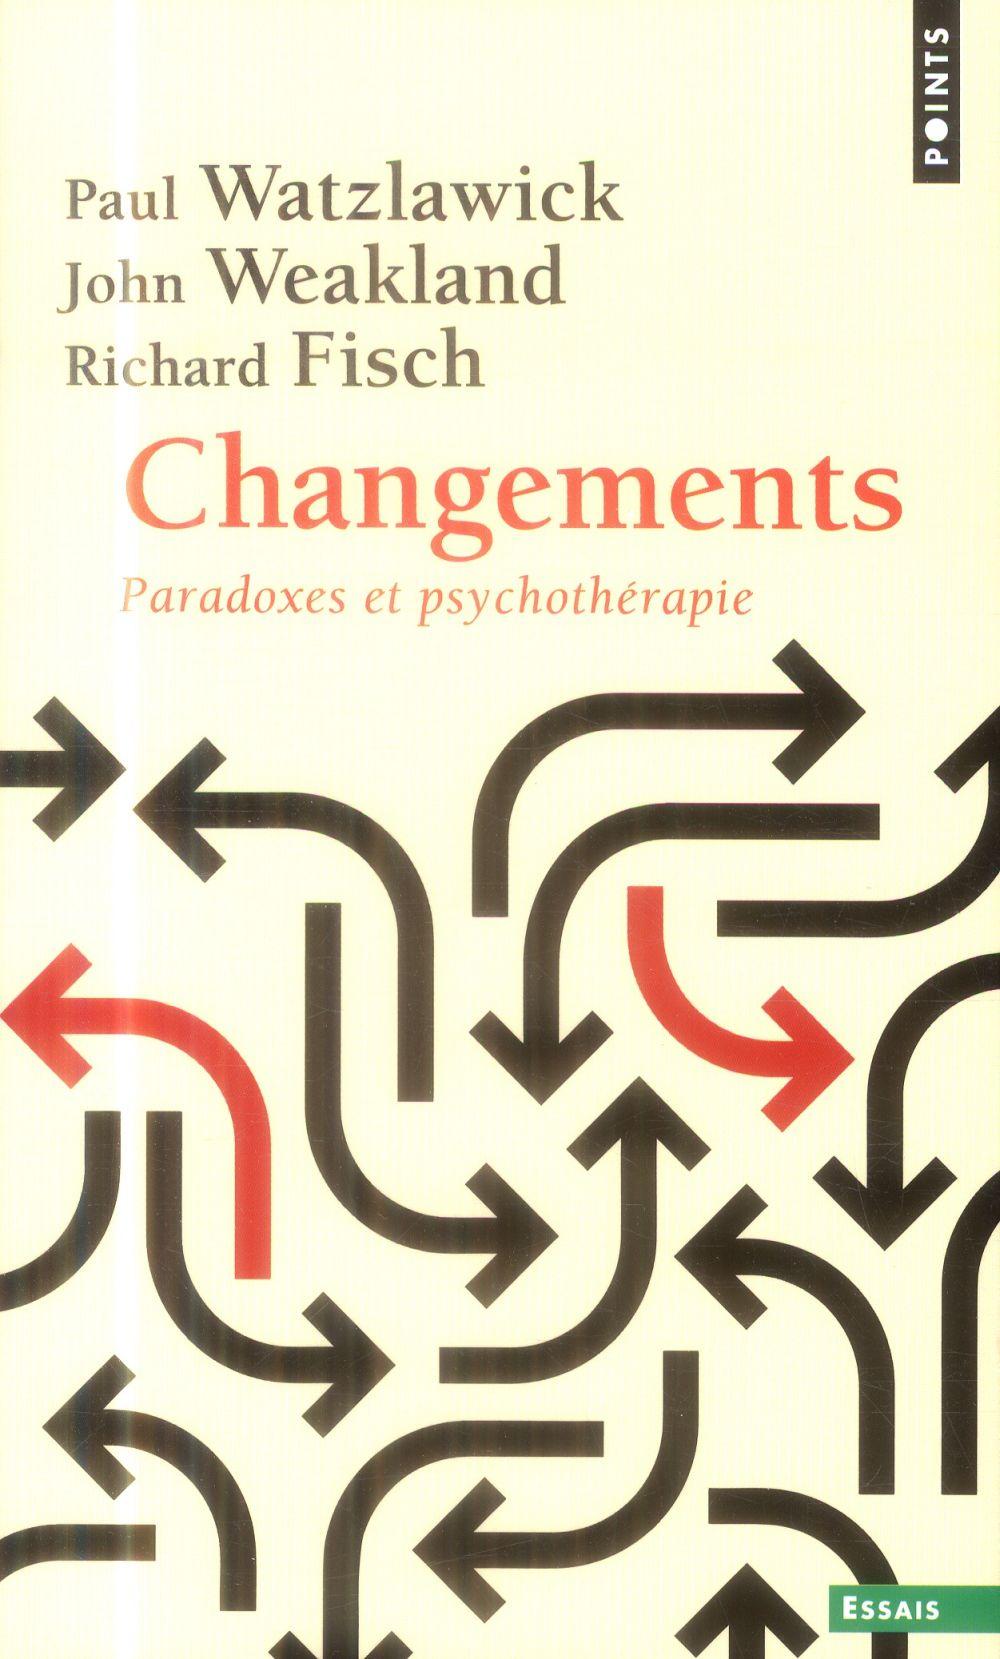 Changements ; paradoxes et psychothérapie